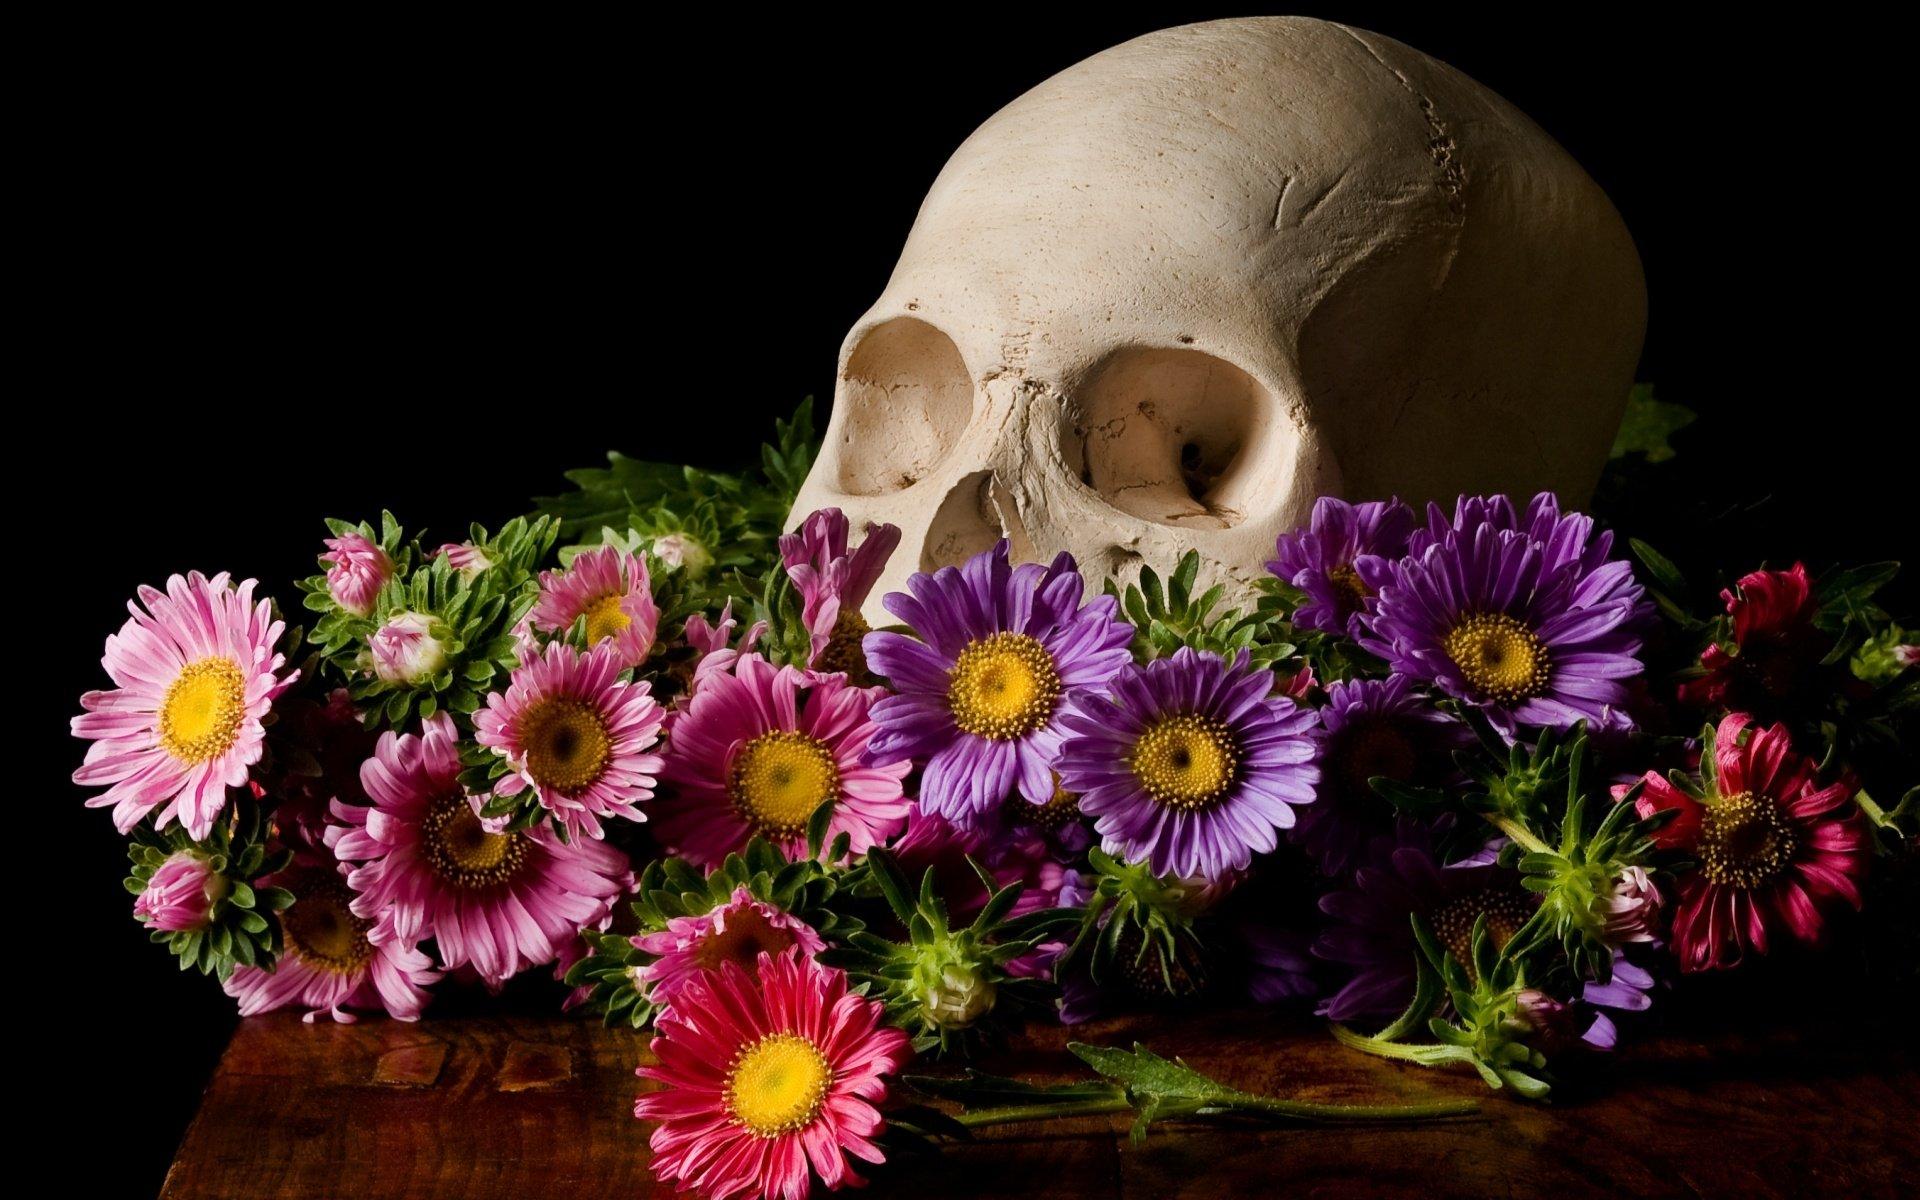 Skull flowers black background wallpaper